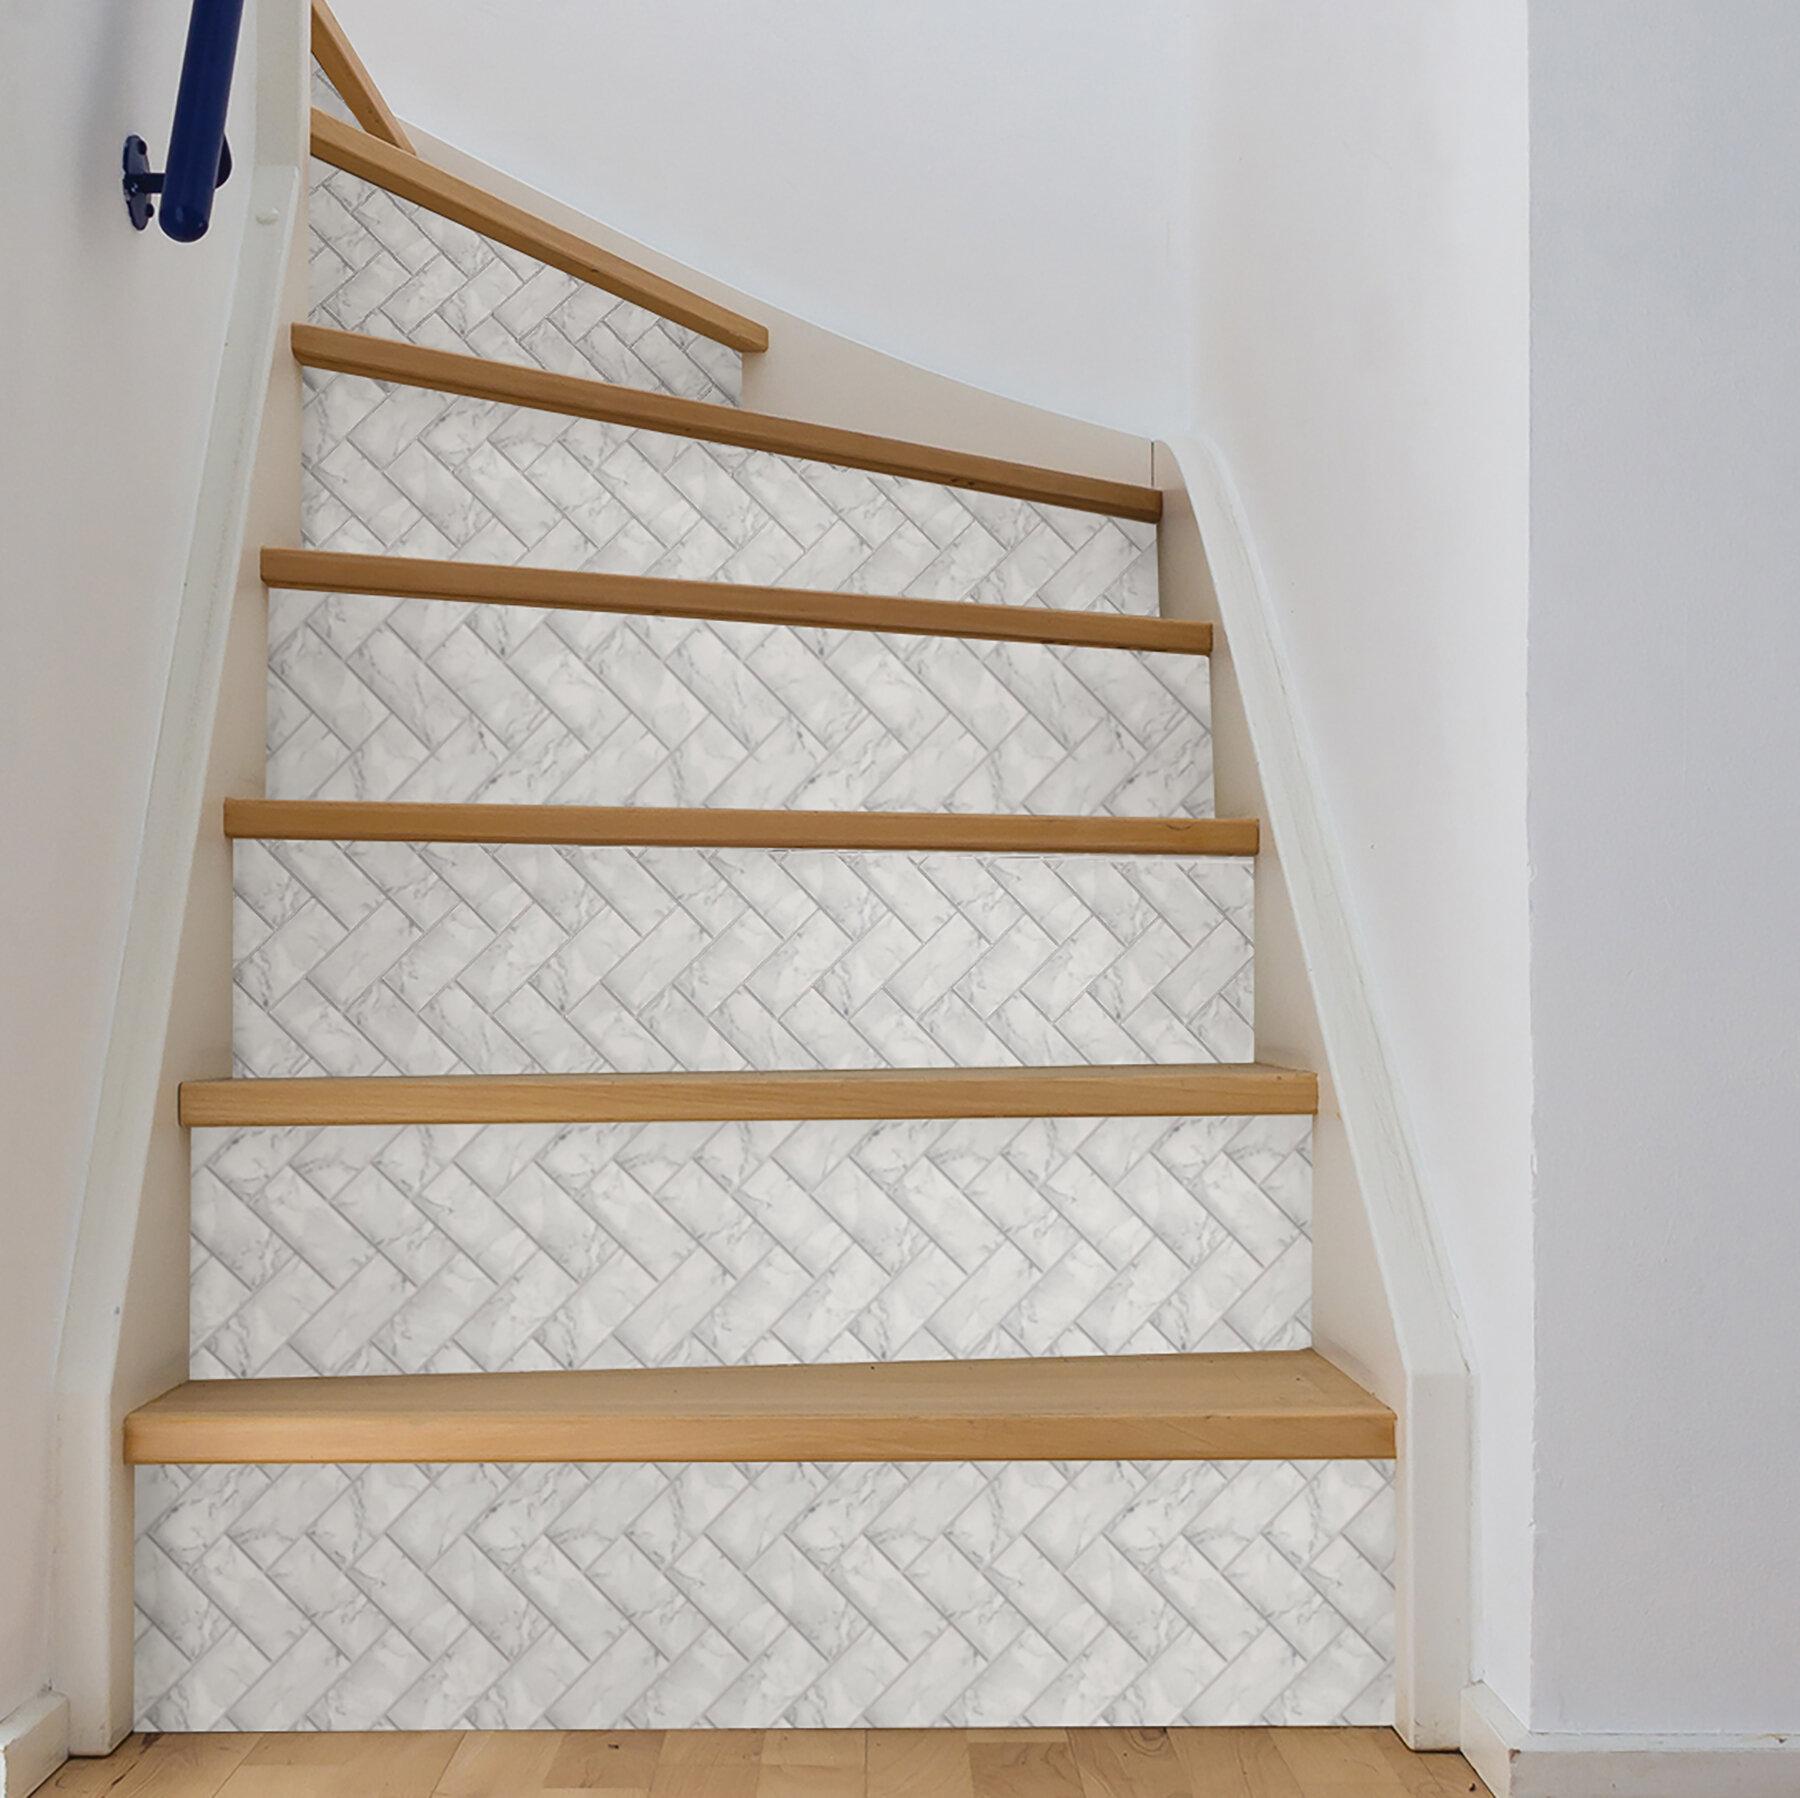 Wallpops Herringbone Carrara 10 X 10 Resin Peel Stick Mosaic Tile In White Gray Reviews